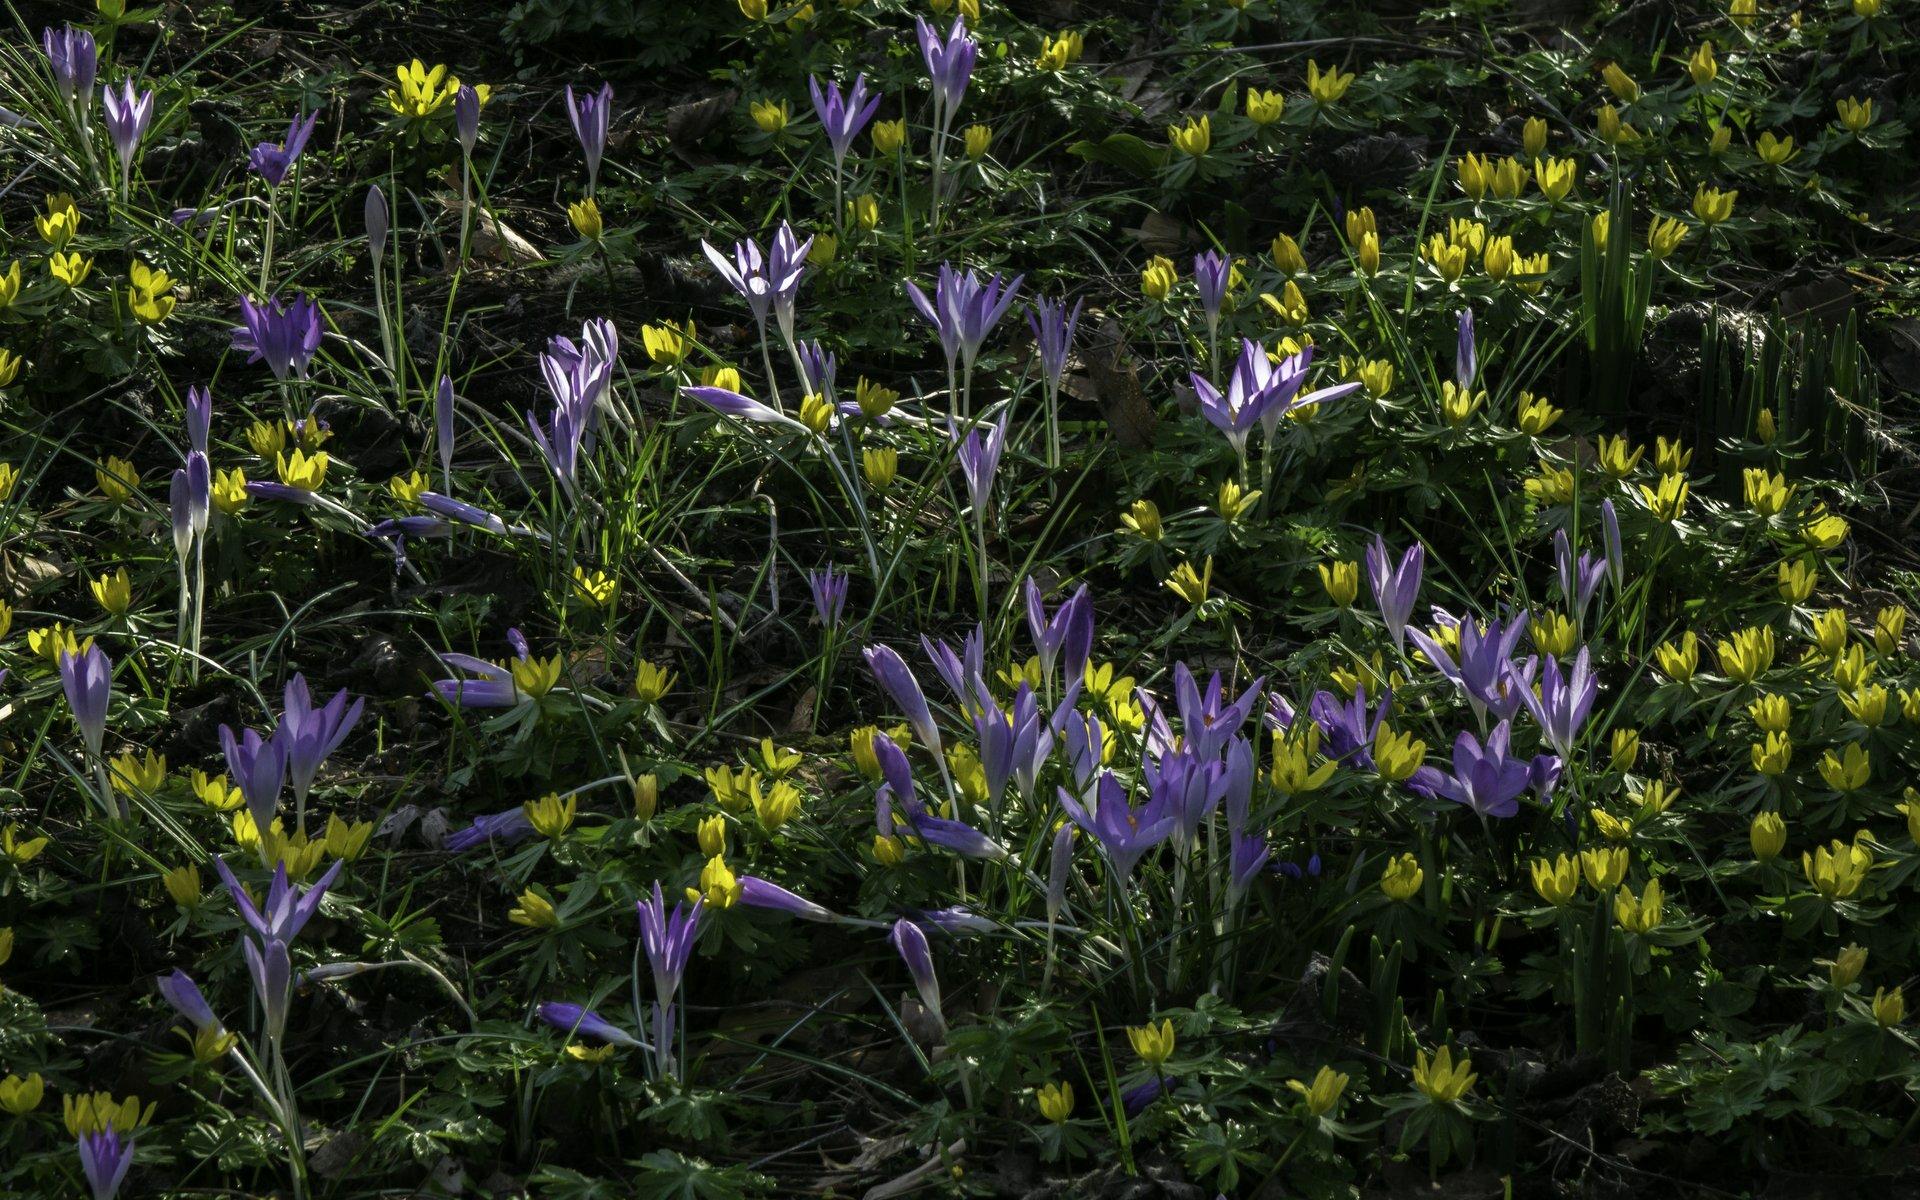 Krokusse und Winterlinge bei den Frühjahrsblumen im Stadtpark